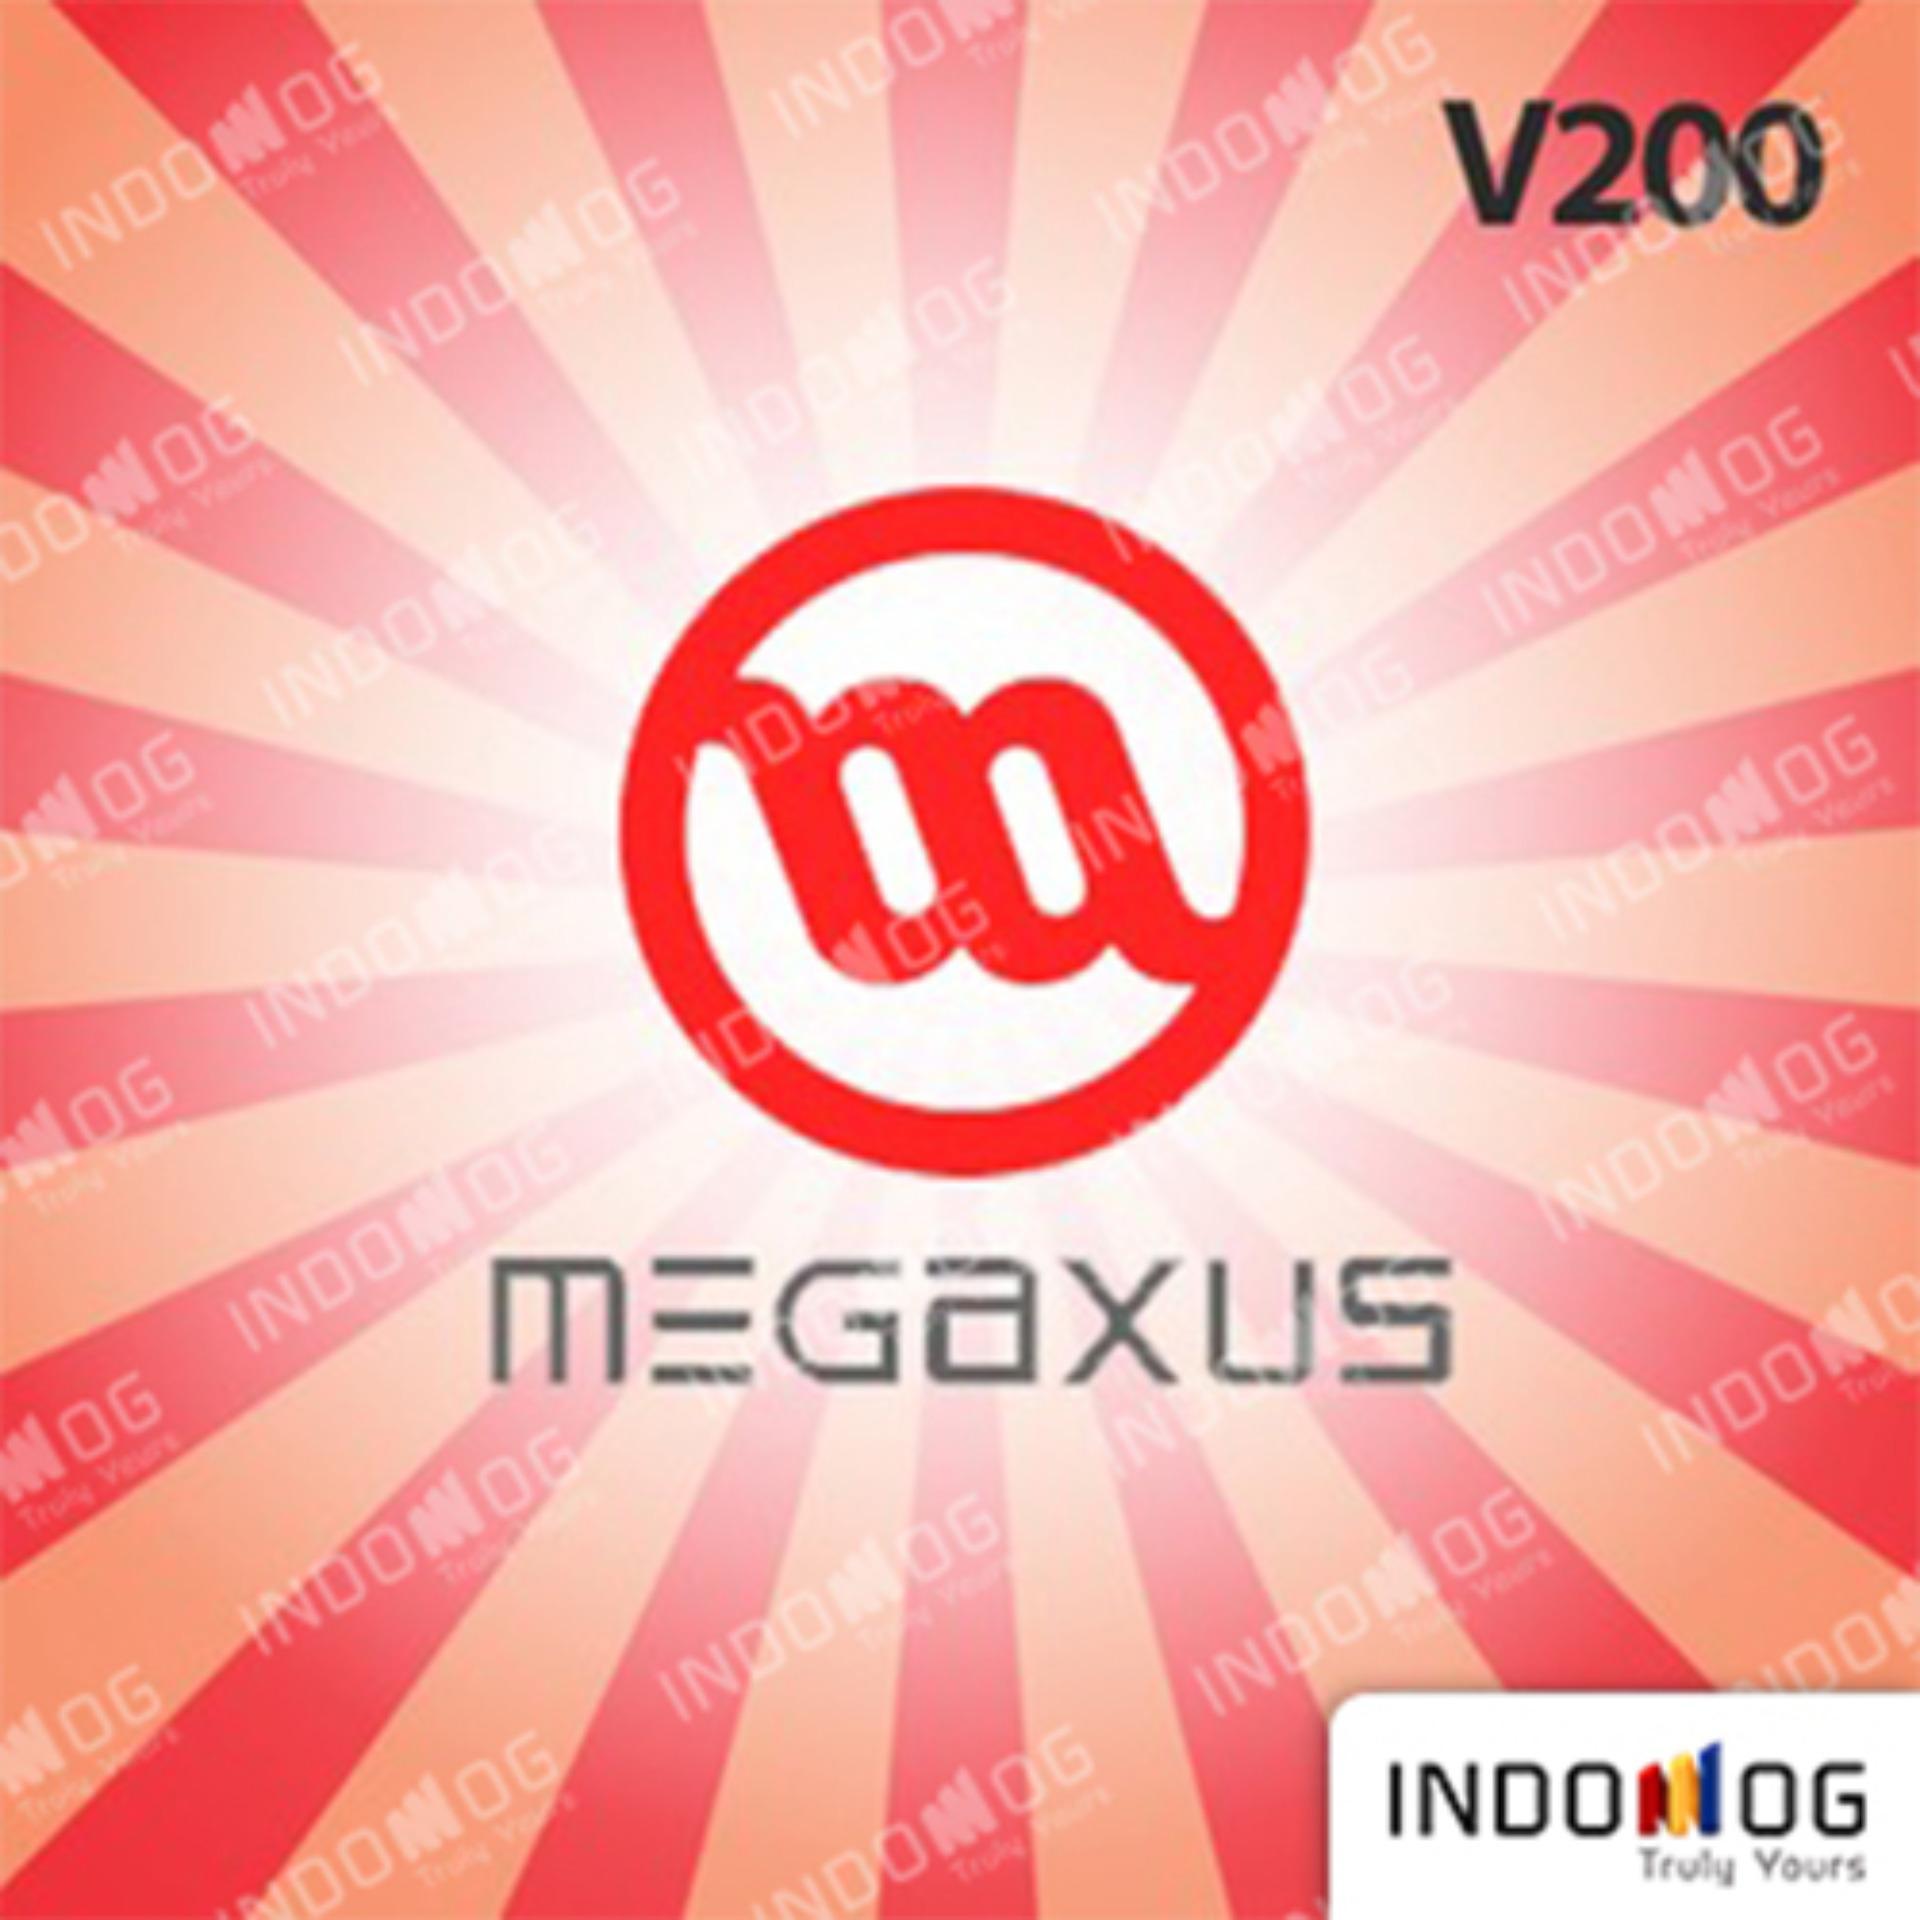 Game Digital Software Megaxus Voucher Gemscool 20000 Code Indomog V200